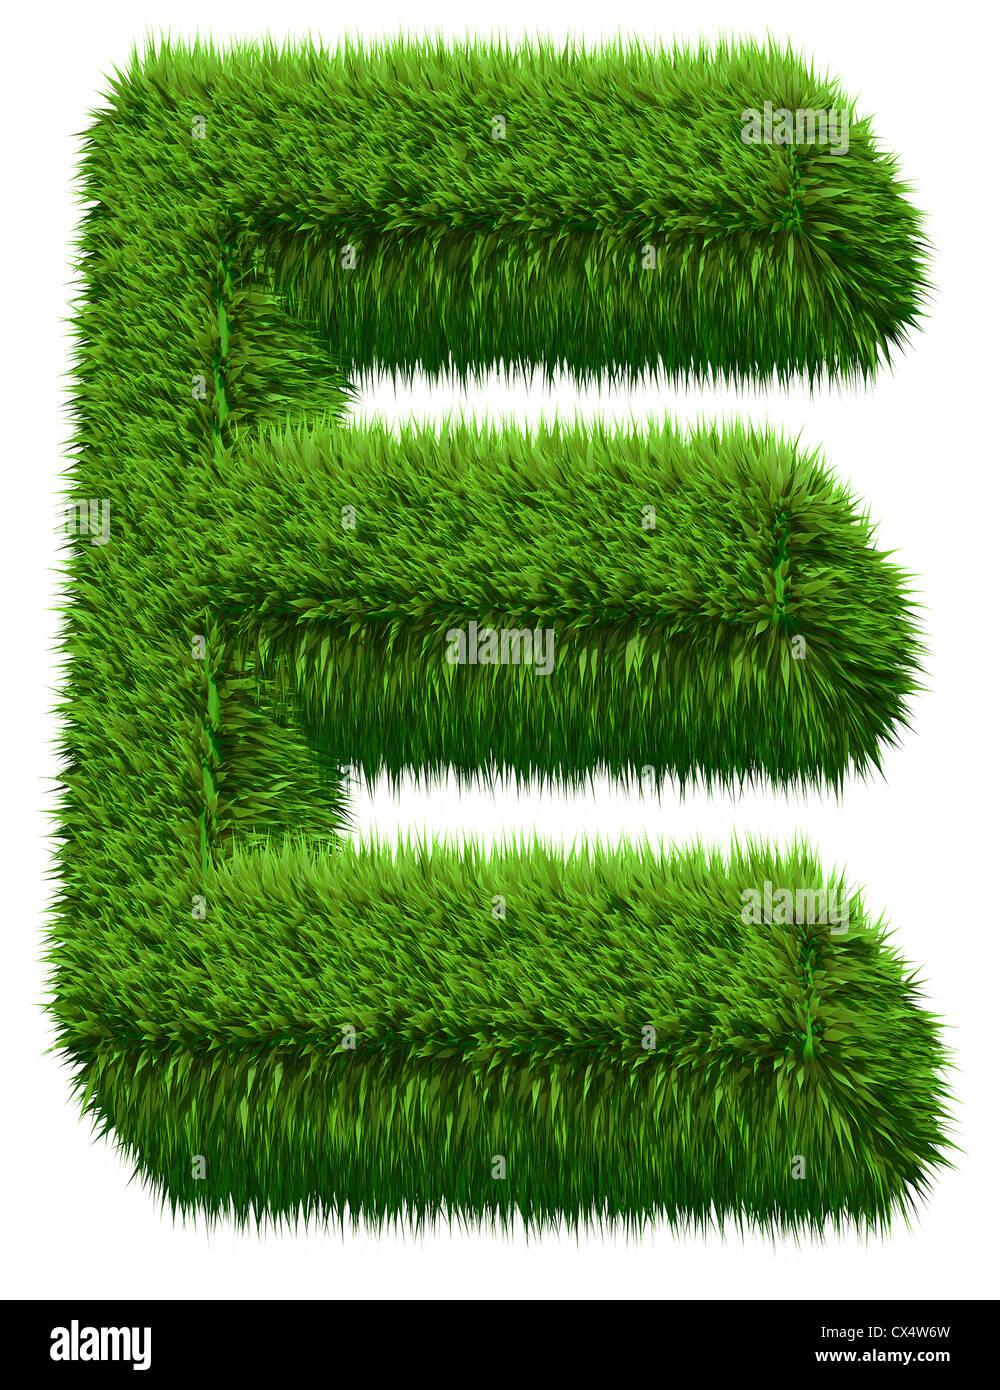 alphabet letter sign abc symbol 3d 3d graphics illustration